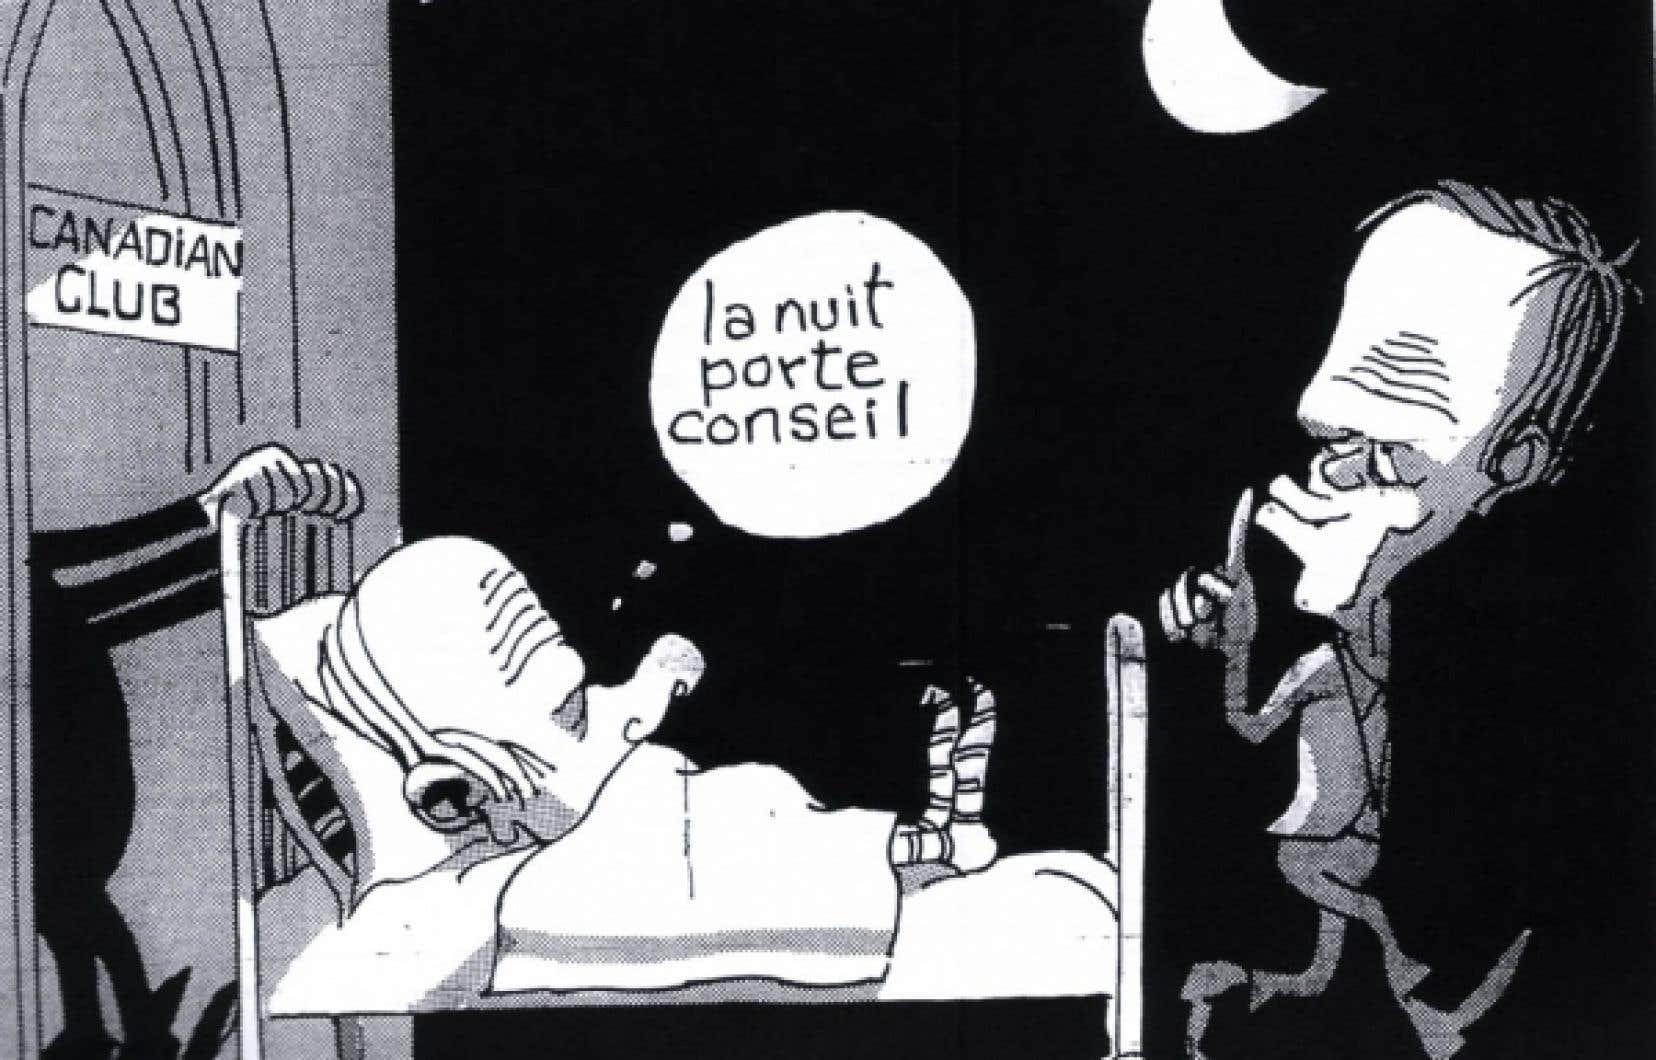 Cette caricature de Berthio a &eacute;t&eacute; publi&eacute;e en une du Devoir le 7 novembre 1981. Contrairement &agrave; un mythe r&eacute;pandu, il n&rsquo;y avait aucune mention de l&rsquo;expression &laquo;nuit des longs couteaux&raquo; dans le texte du journaliste Michel Vastel, du Devoir, ce jour-l&agrave;.<br />